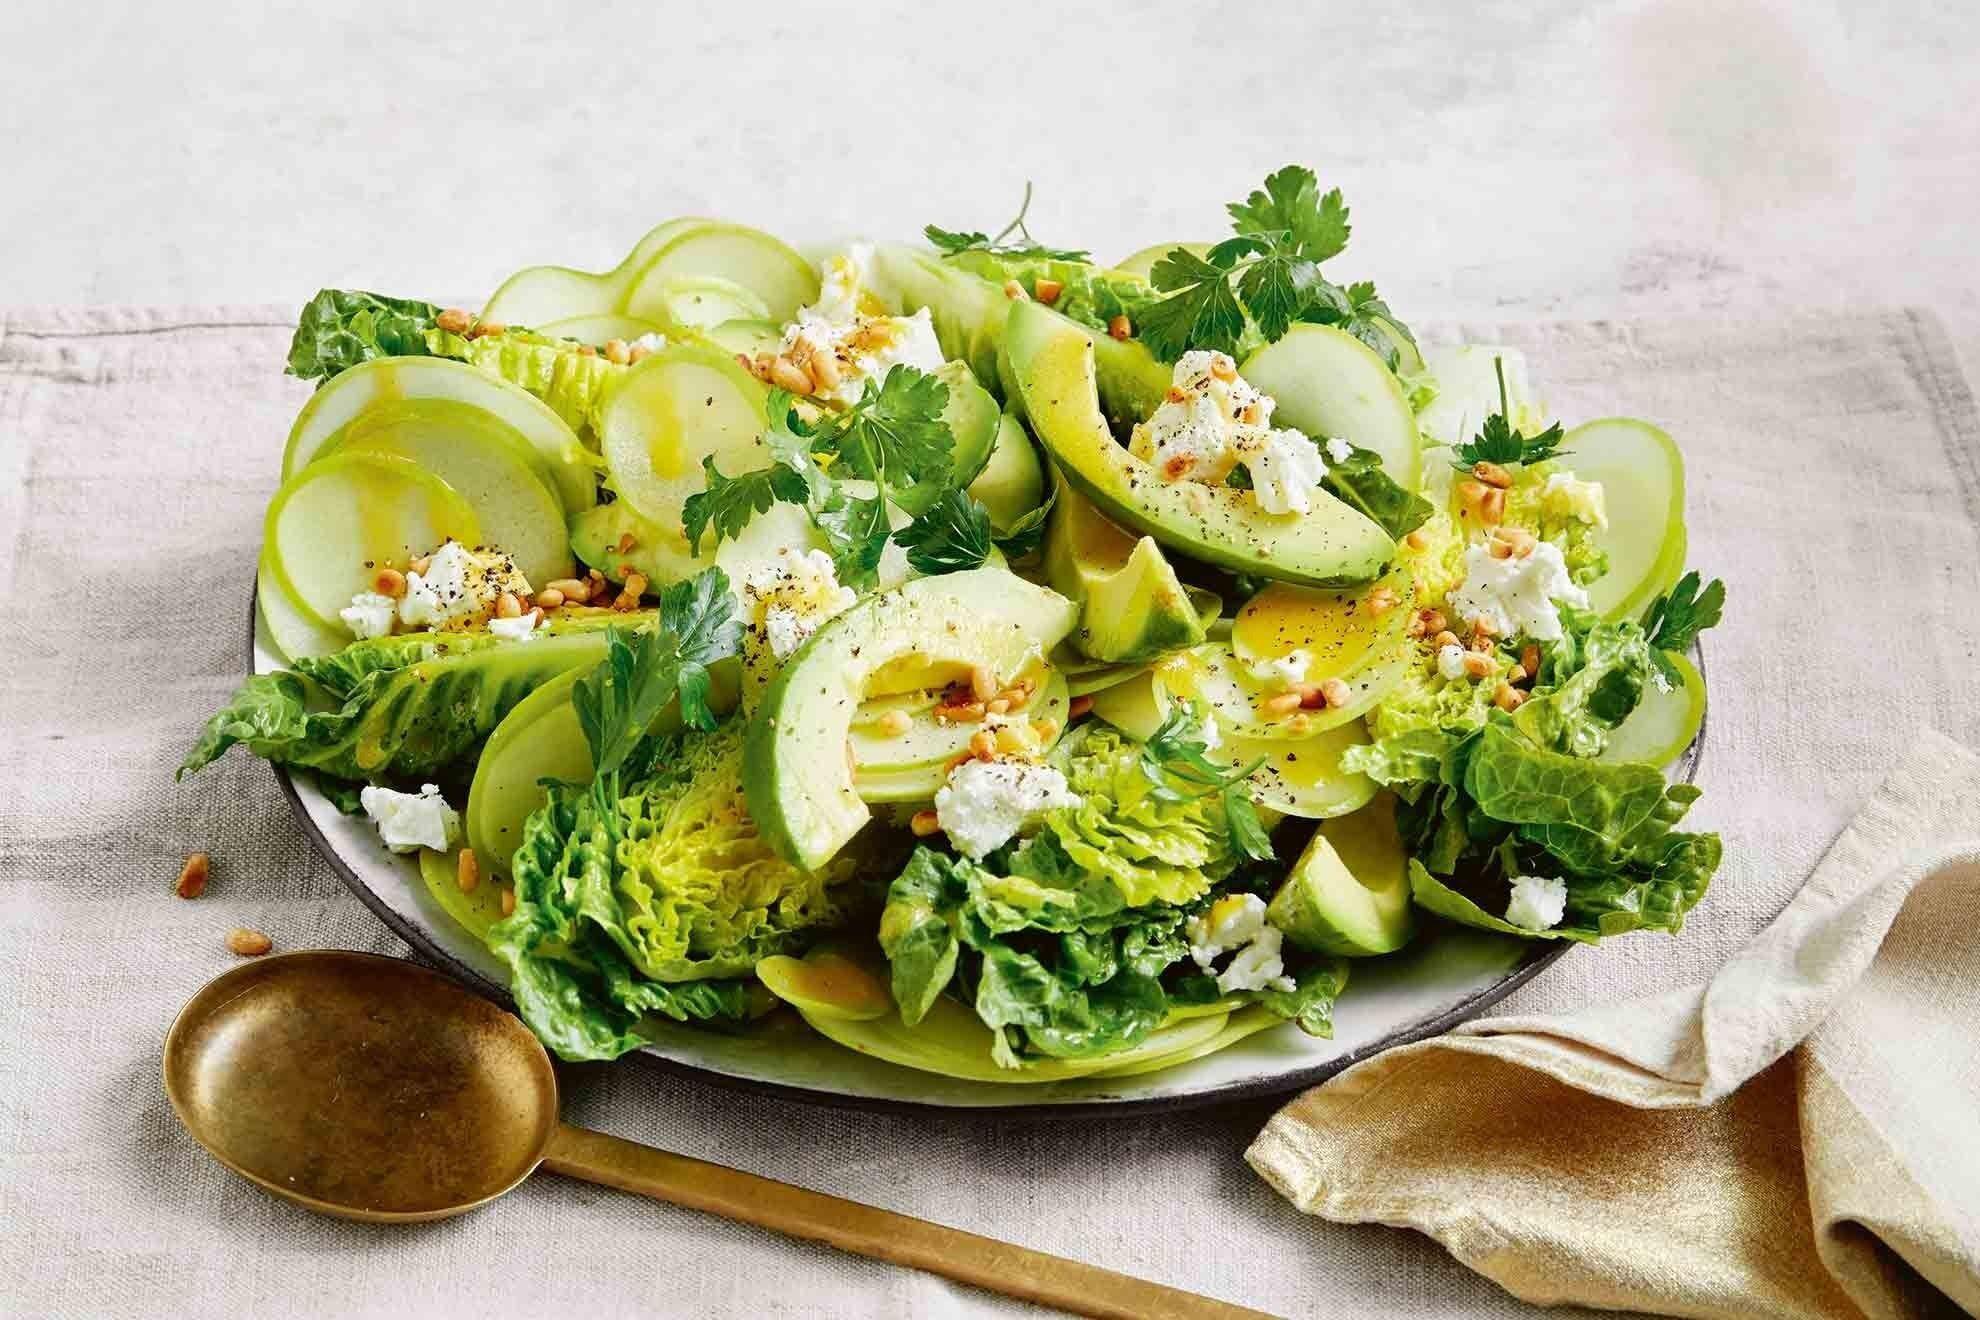 Кислое яблоко идеально подходит для салатов.